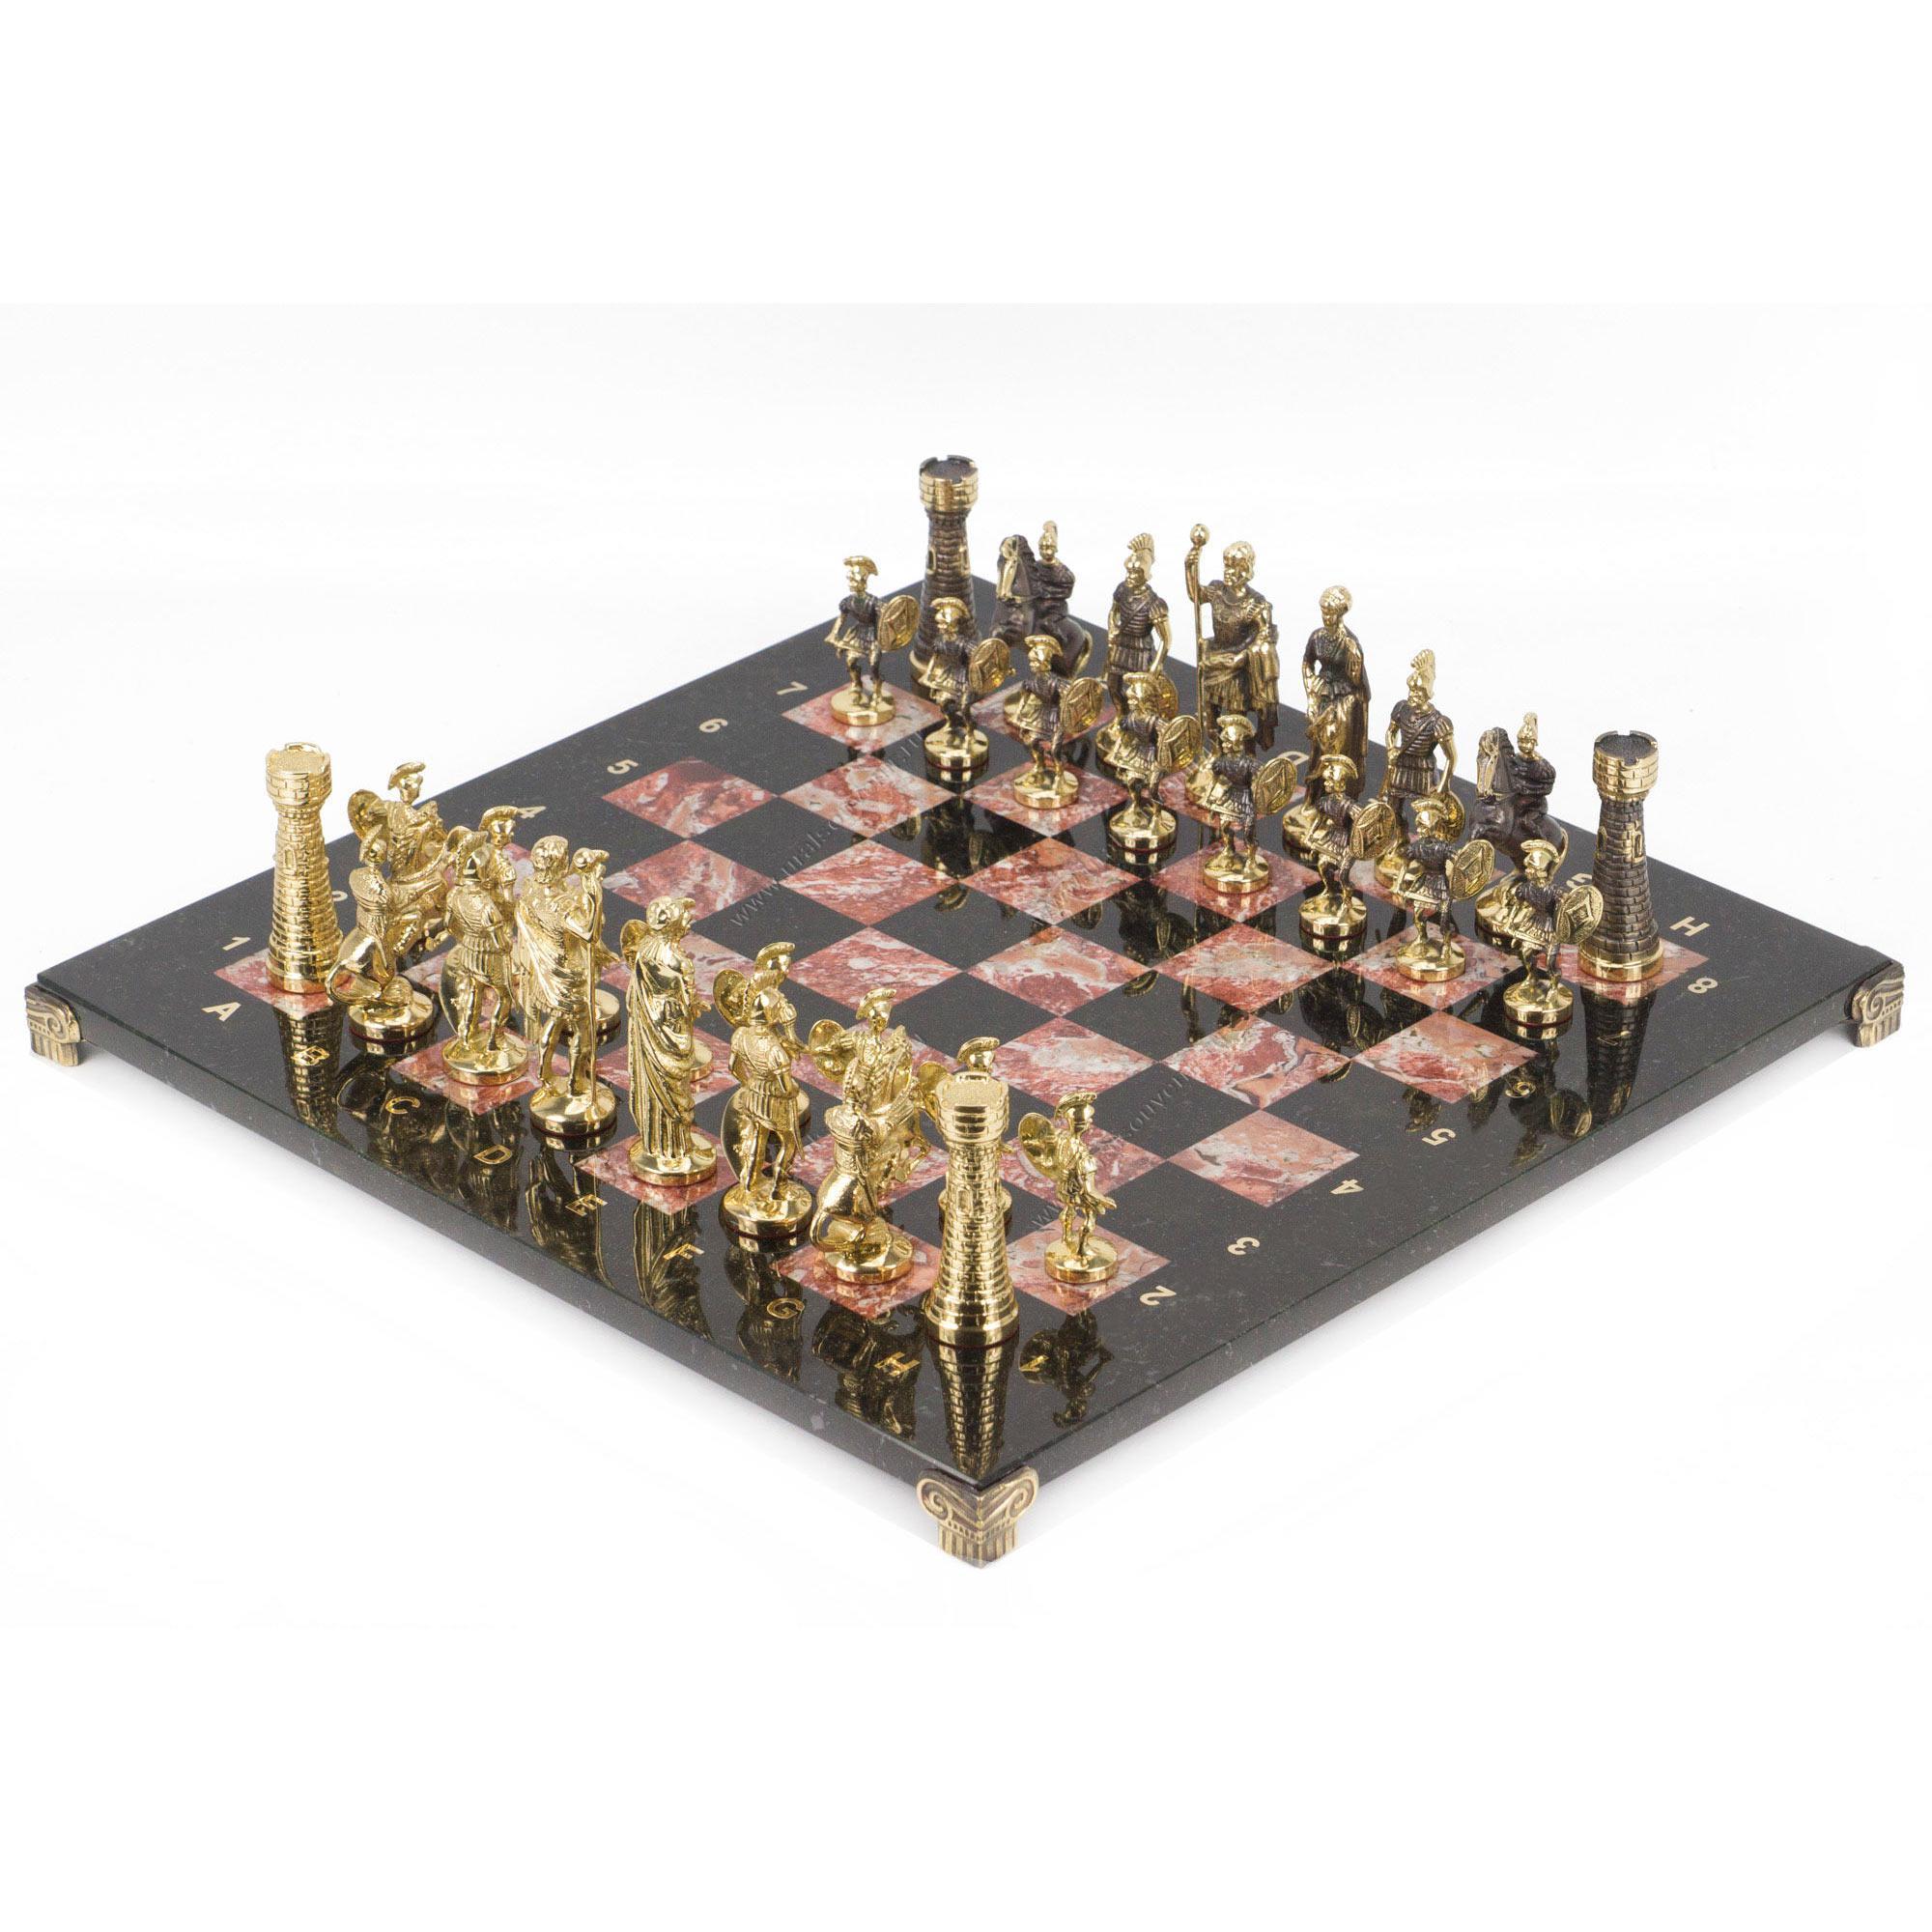 Шахматы Римские бронза креноид 400х400 мм